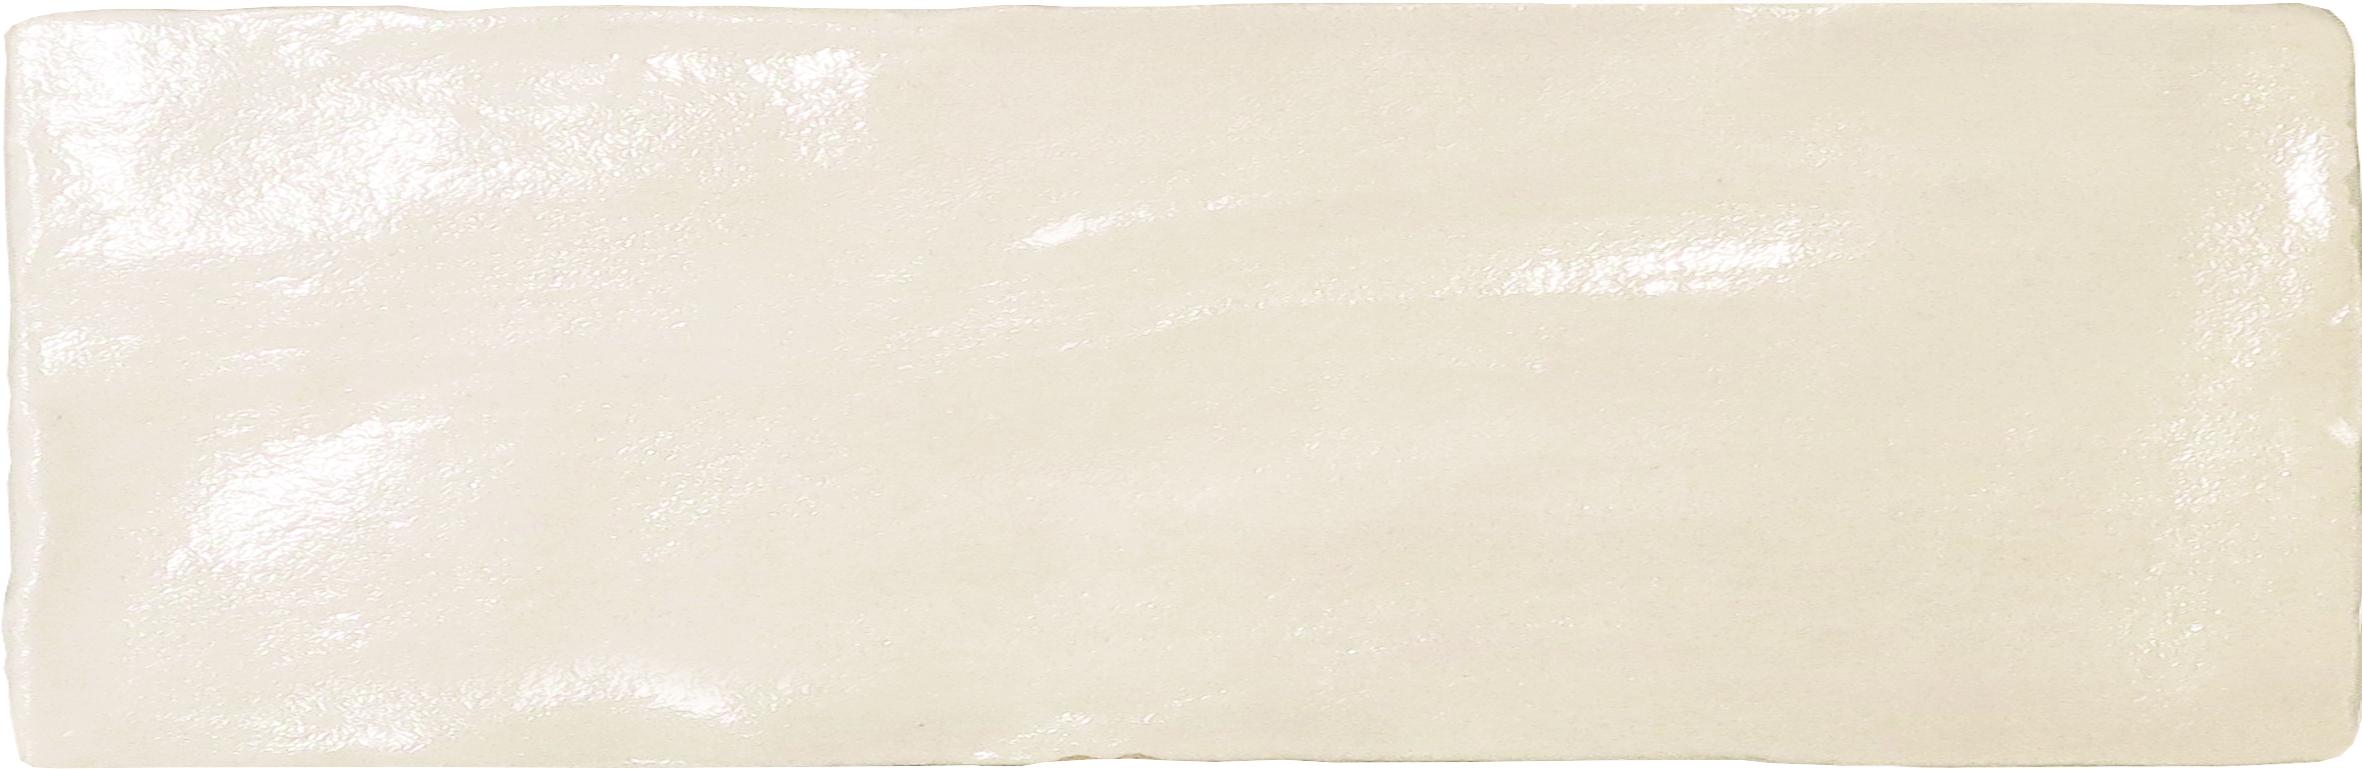 Mallorca Cream 6.5x20 cm